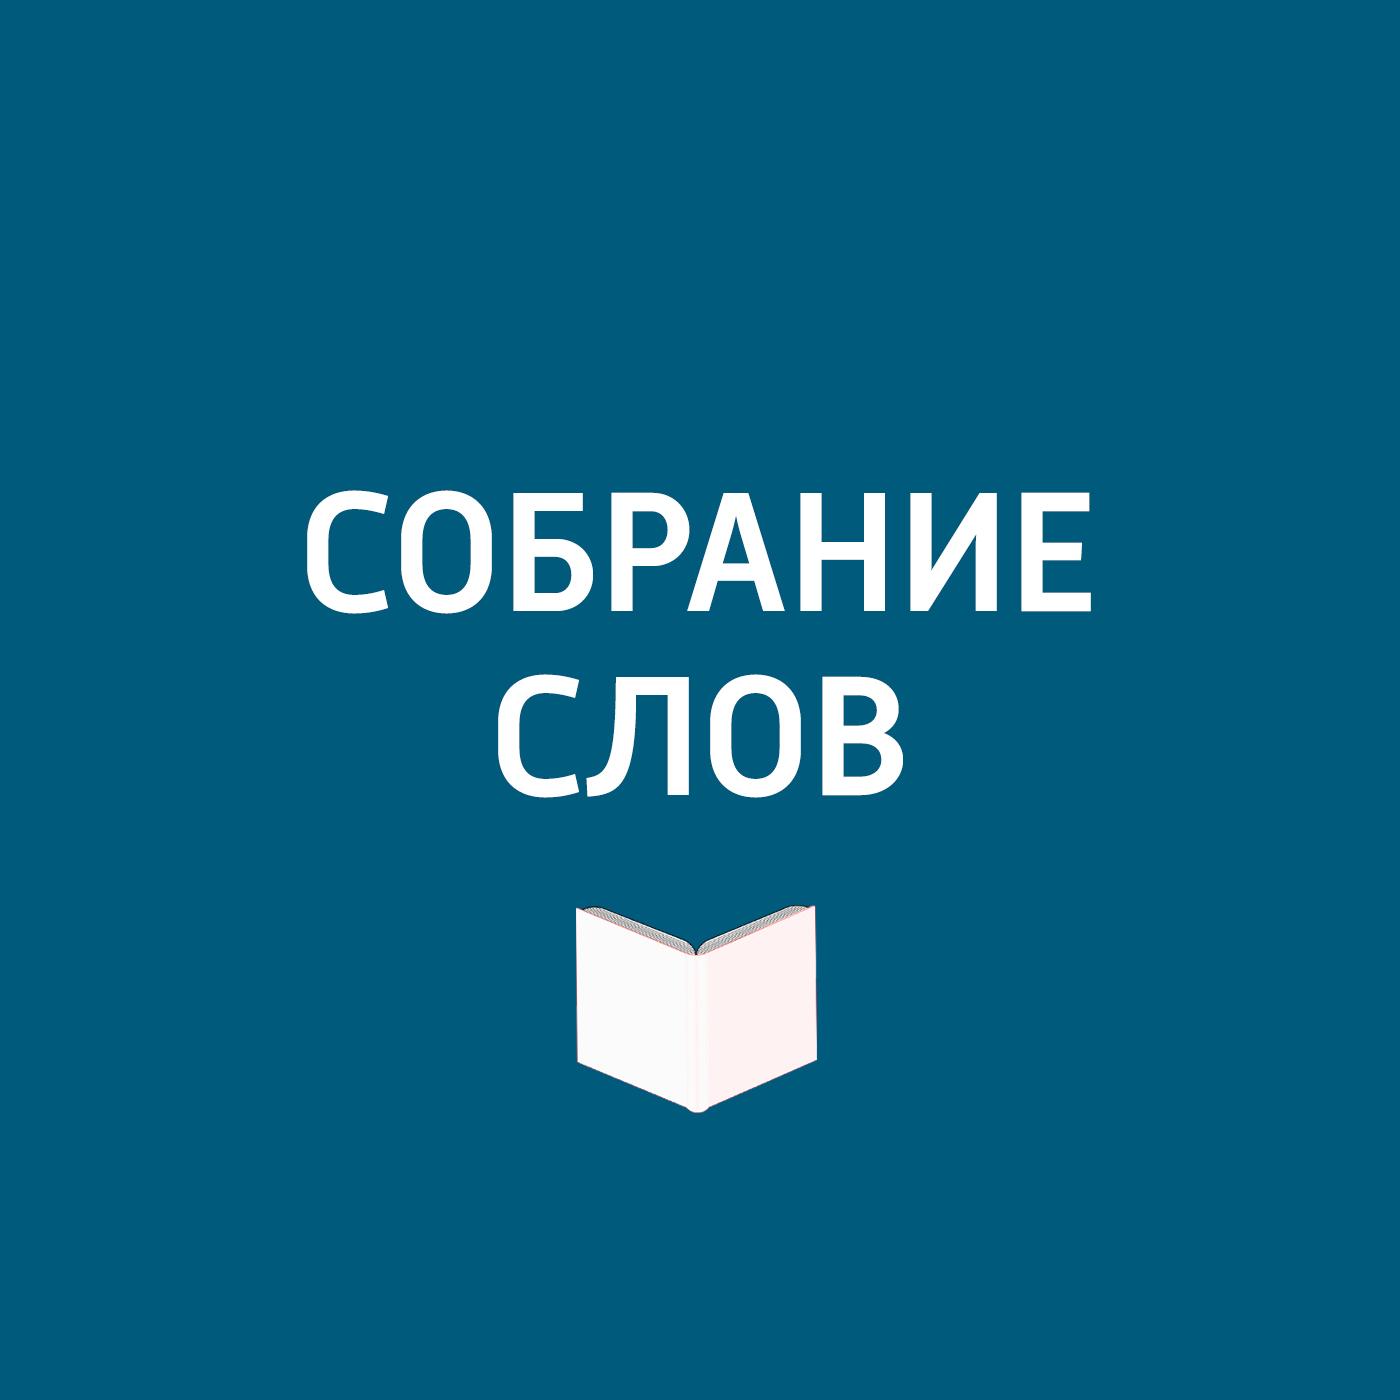 Творческий коллектив программы «Собрание слов» Большое интервью Александра Шумского бренды